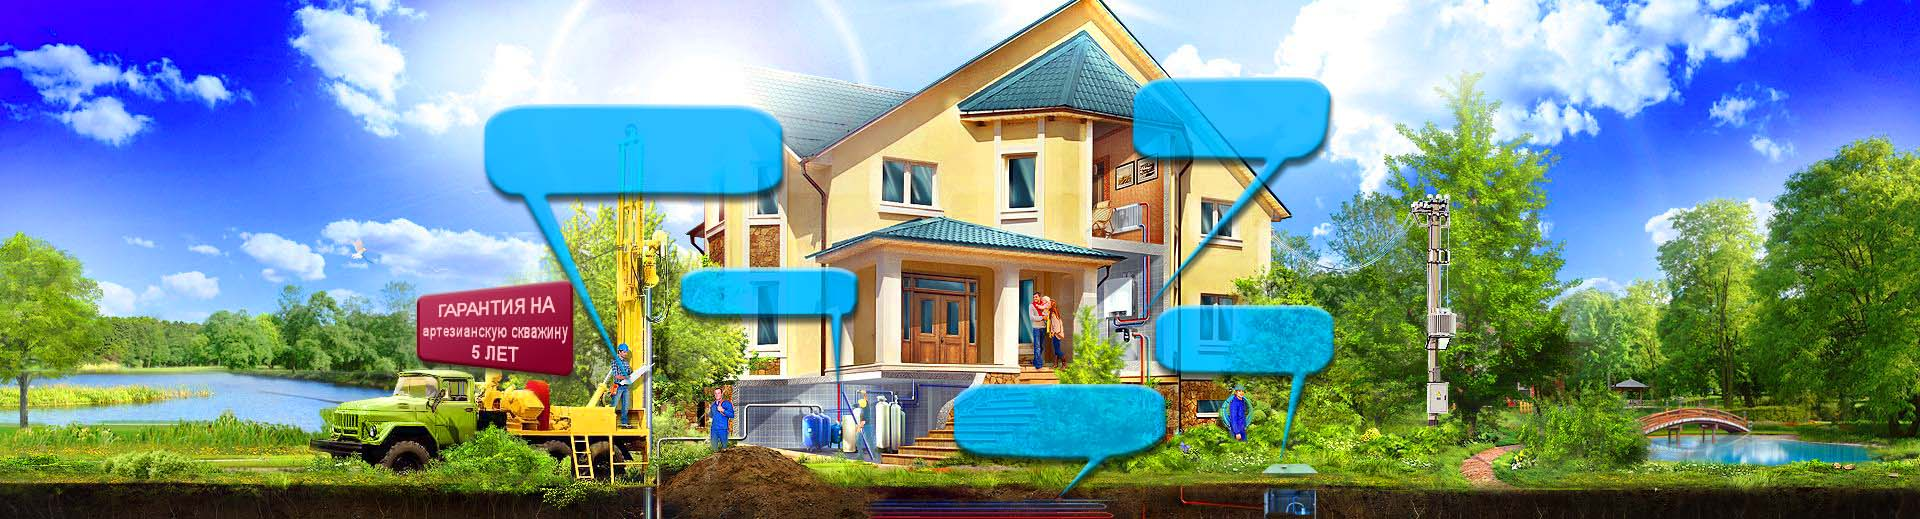 Обустройство артезианских скважин в Украине